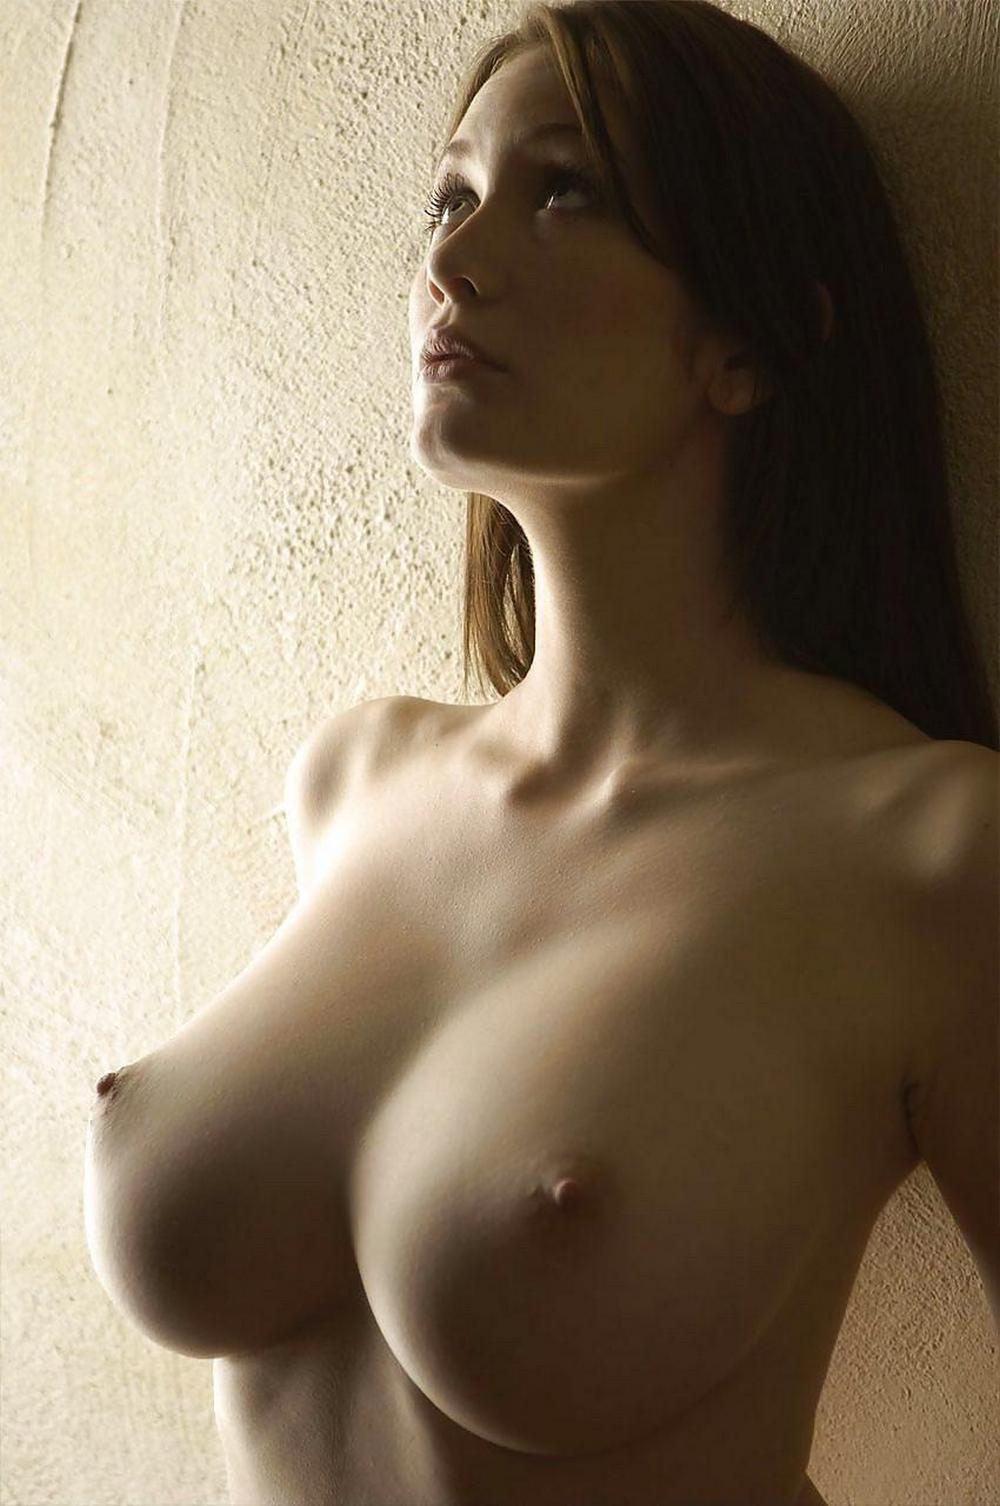 Подборка больших сисек одиноких женщин